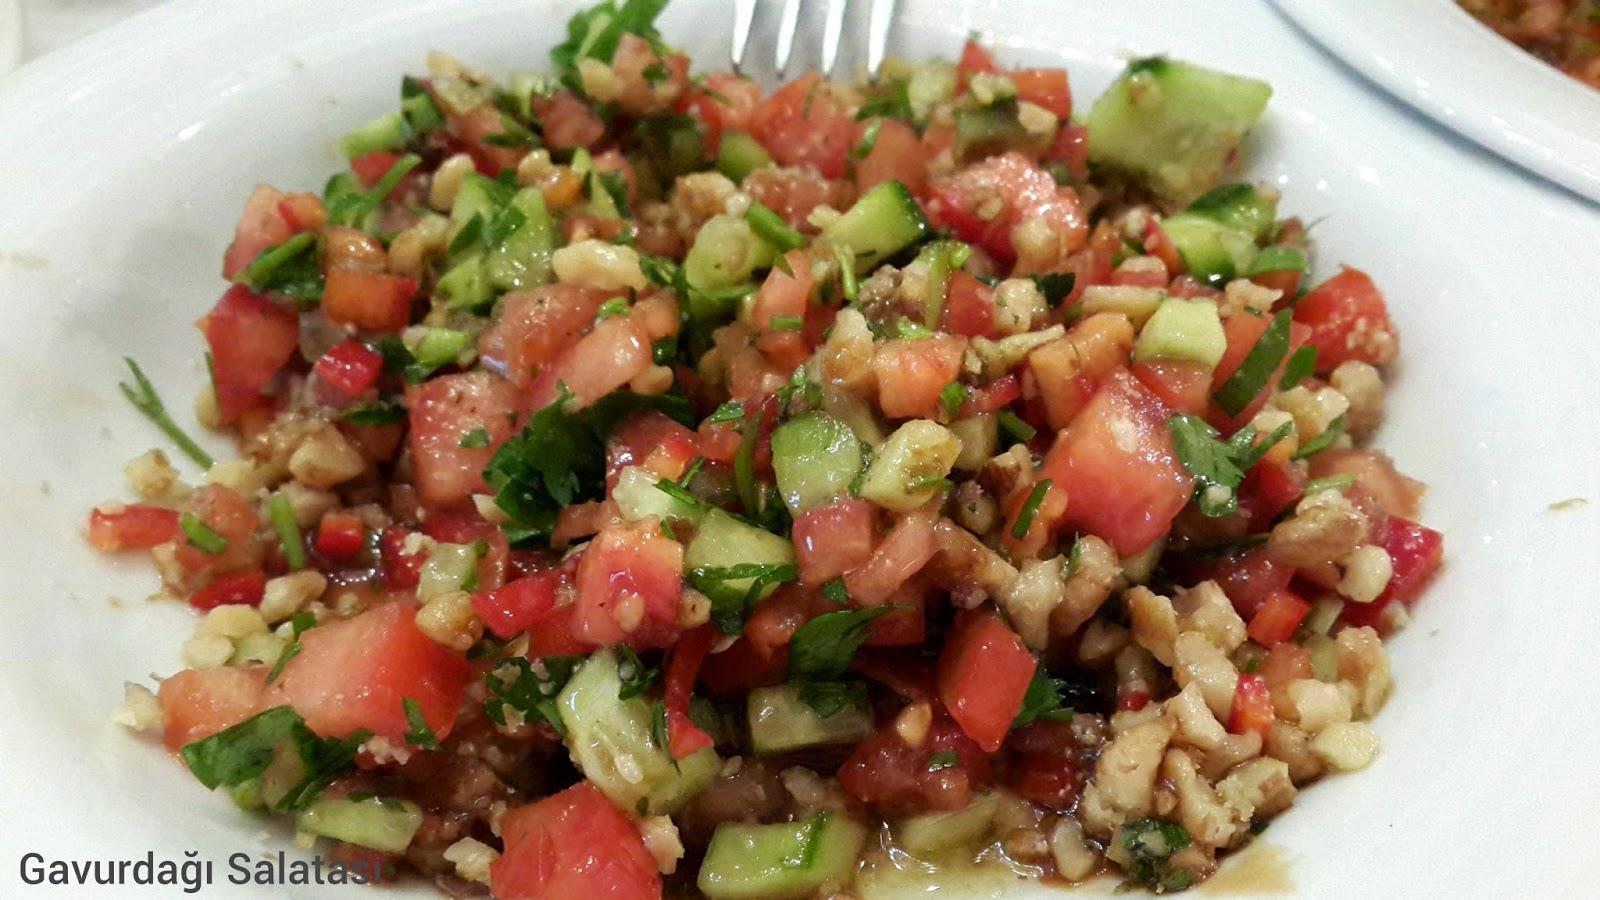 gavurdağı, salata, cevizli salata, imam çağdaş, Gaziantep, restoran, gezi